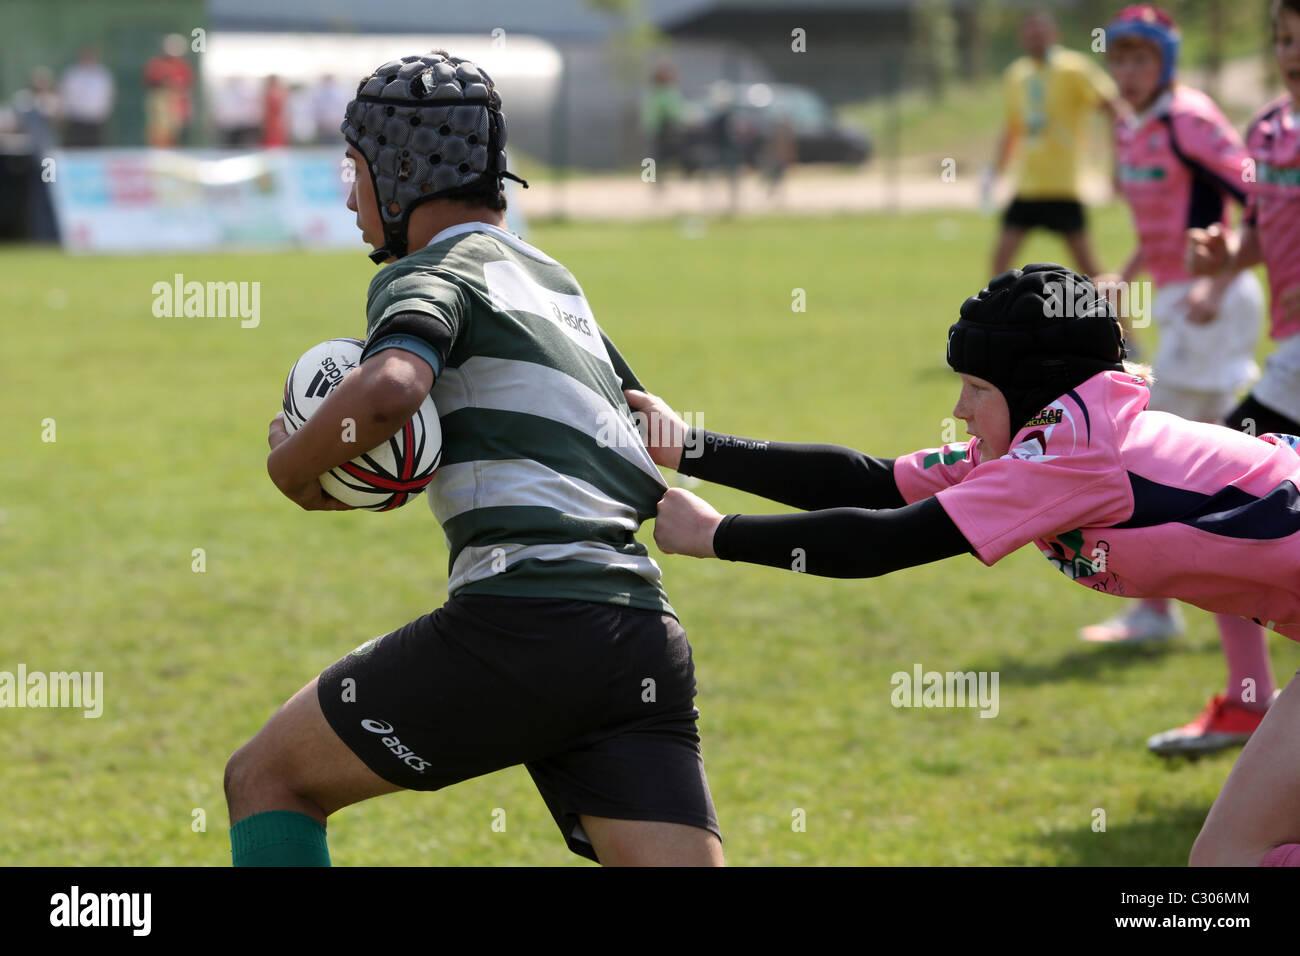 Les jeunes garçons à jouer au rugby à la Portugal Rugby Youth Festival 2011, Lisbonne. Photo Stock